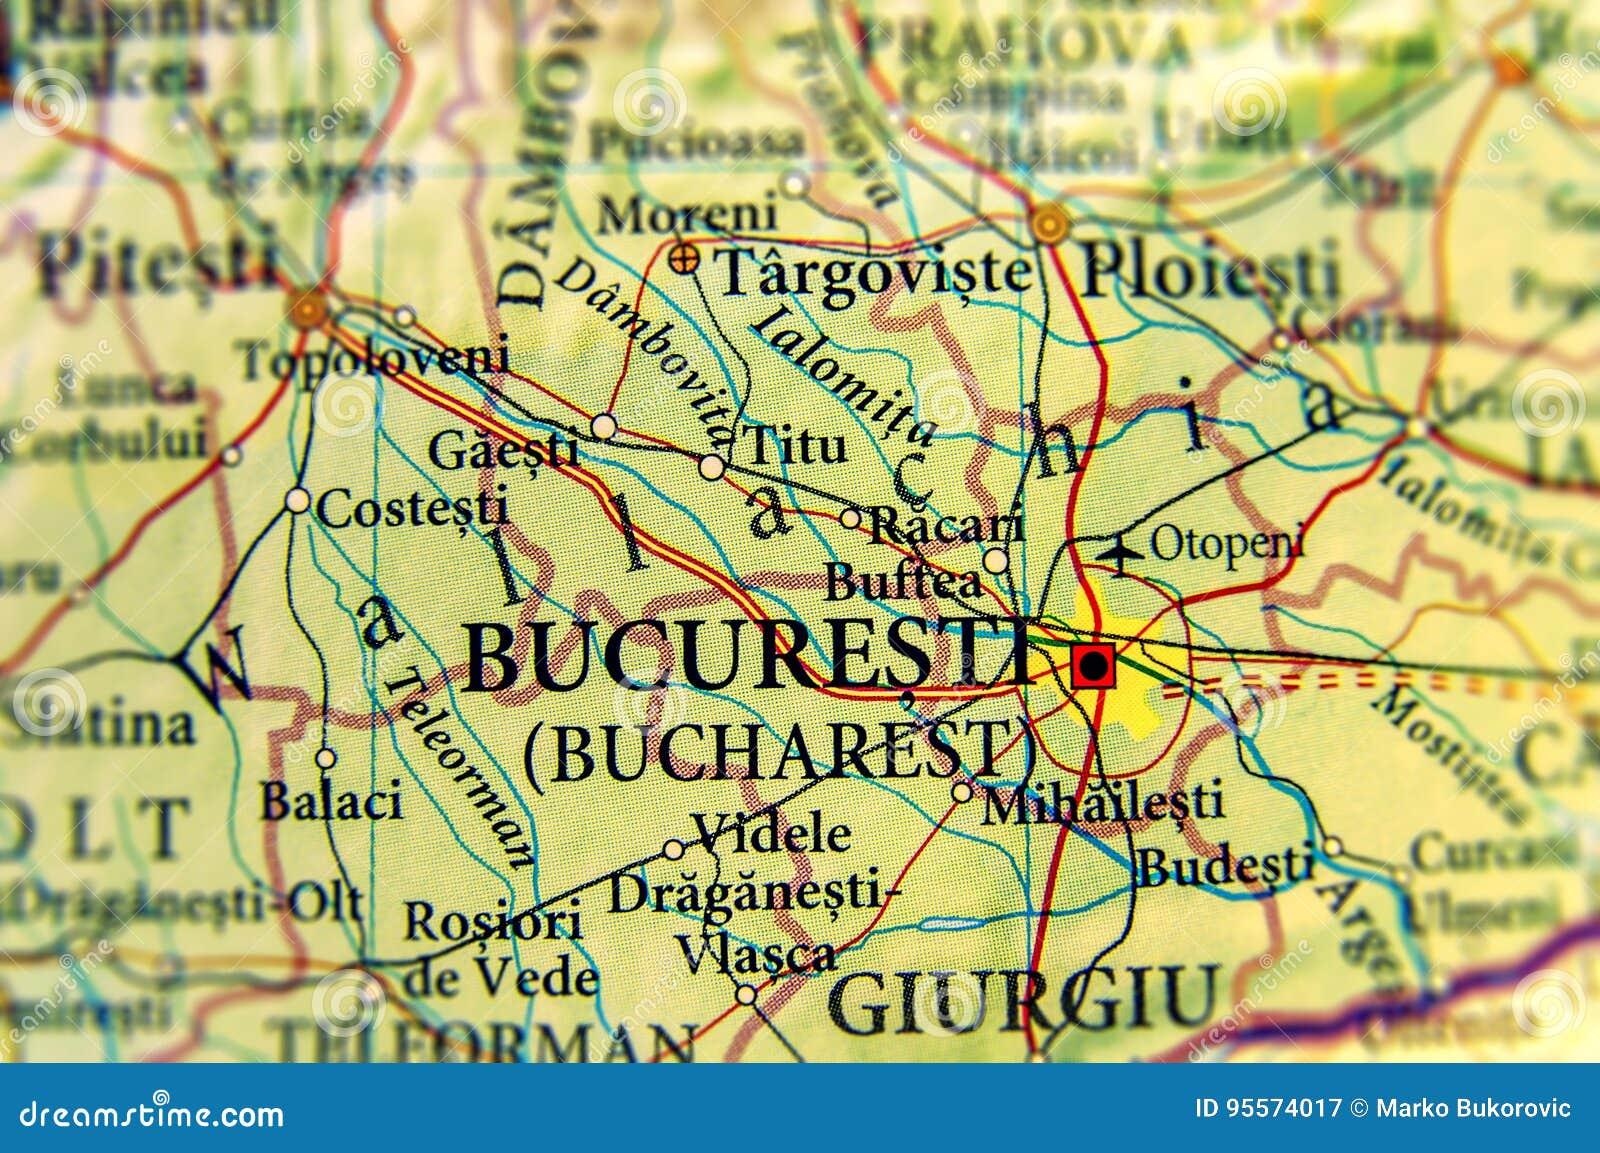 Romania Cartina Stradale.Mappa Geografica Di Paese Europeo Romania Con La Capitale Bucuresti Immagine Stock Immagine Di Turismo Corsa 95574017